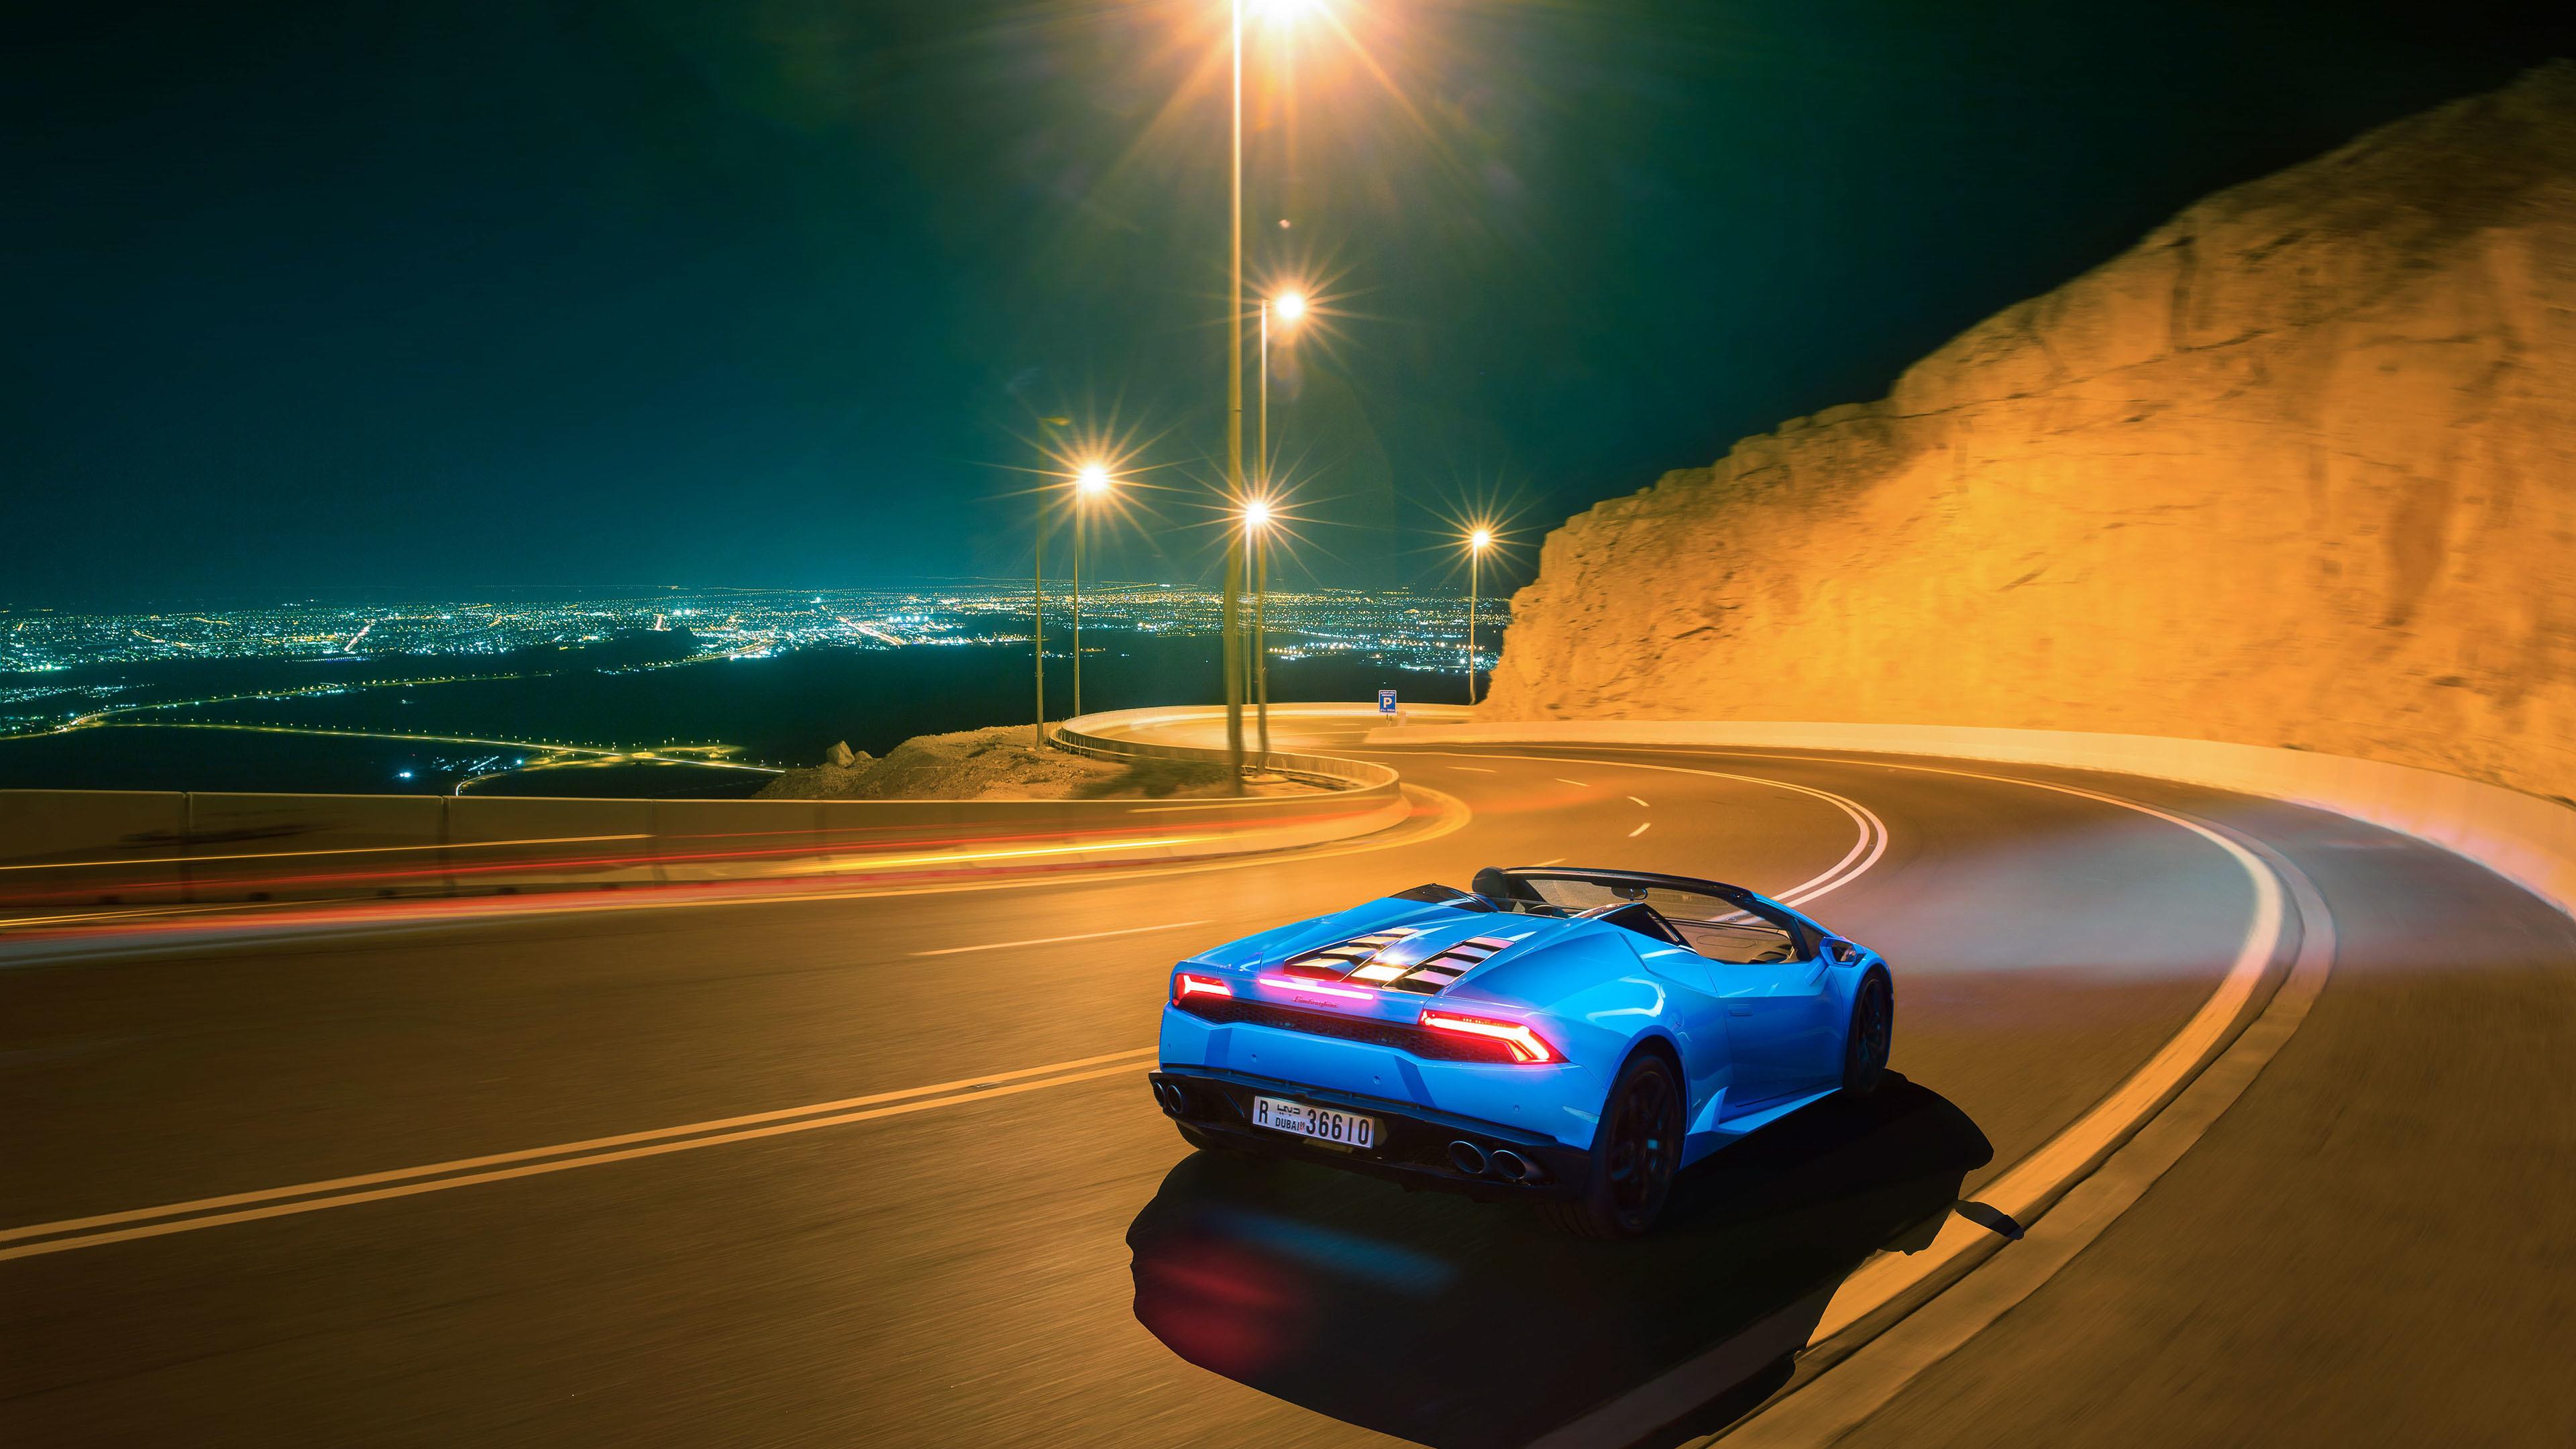 2048x2048 2018 Lamborghini Aventador Svj 4k Ipad Air Hd 4k: Lamborghini Huracan LP 610 4 Spyder 2018 Rear View